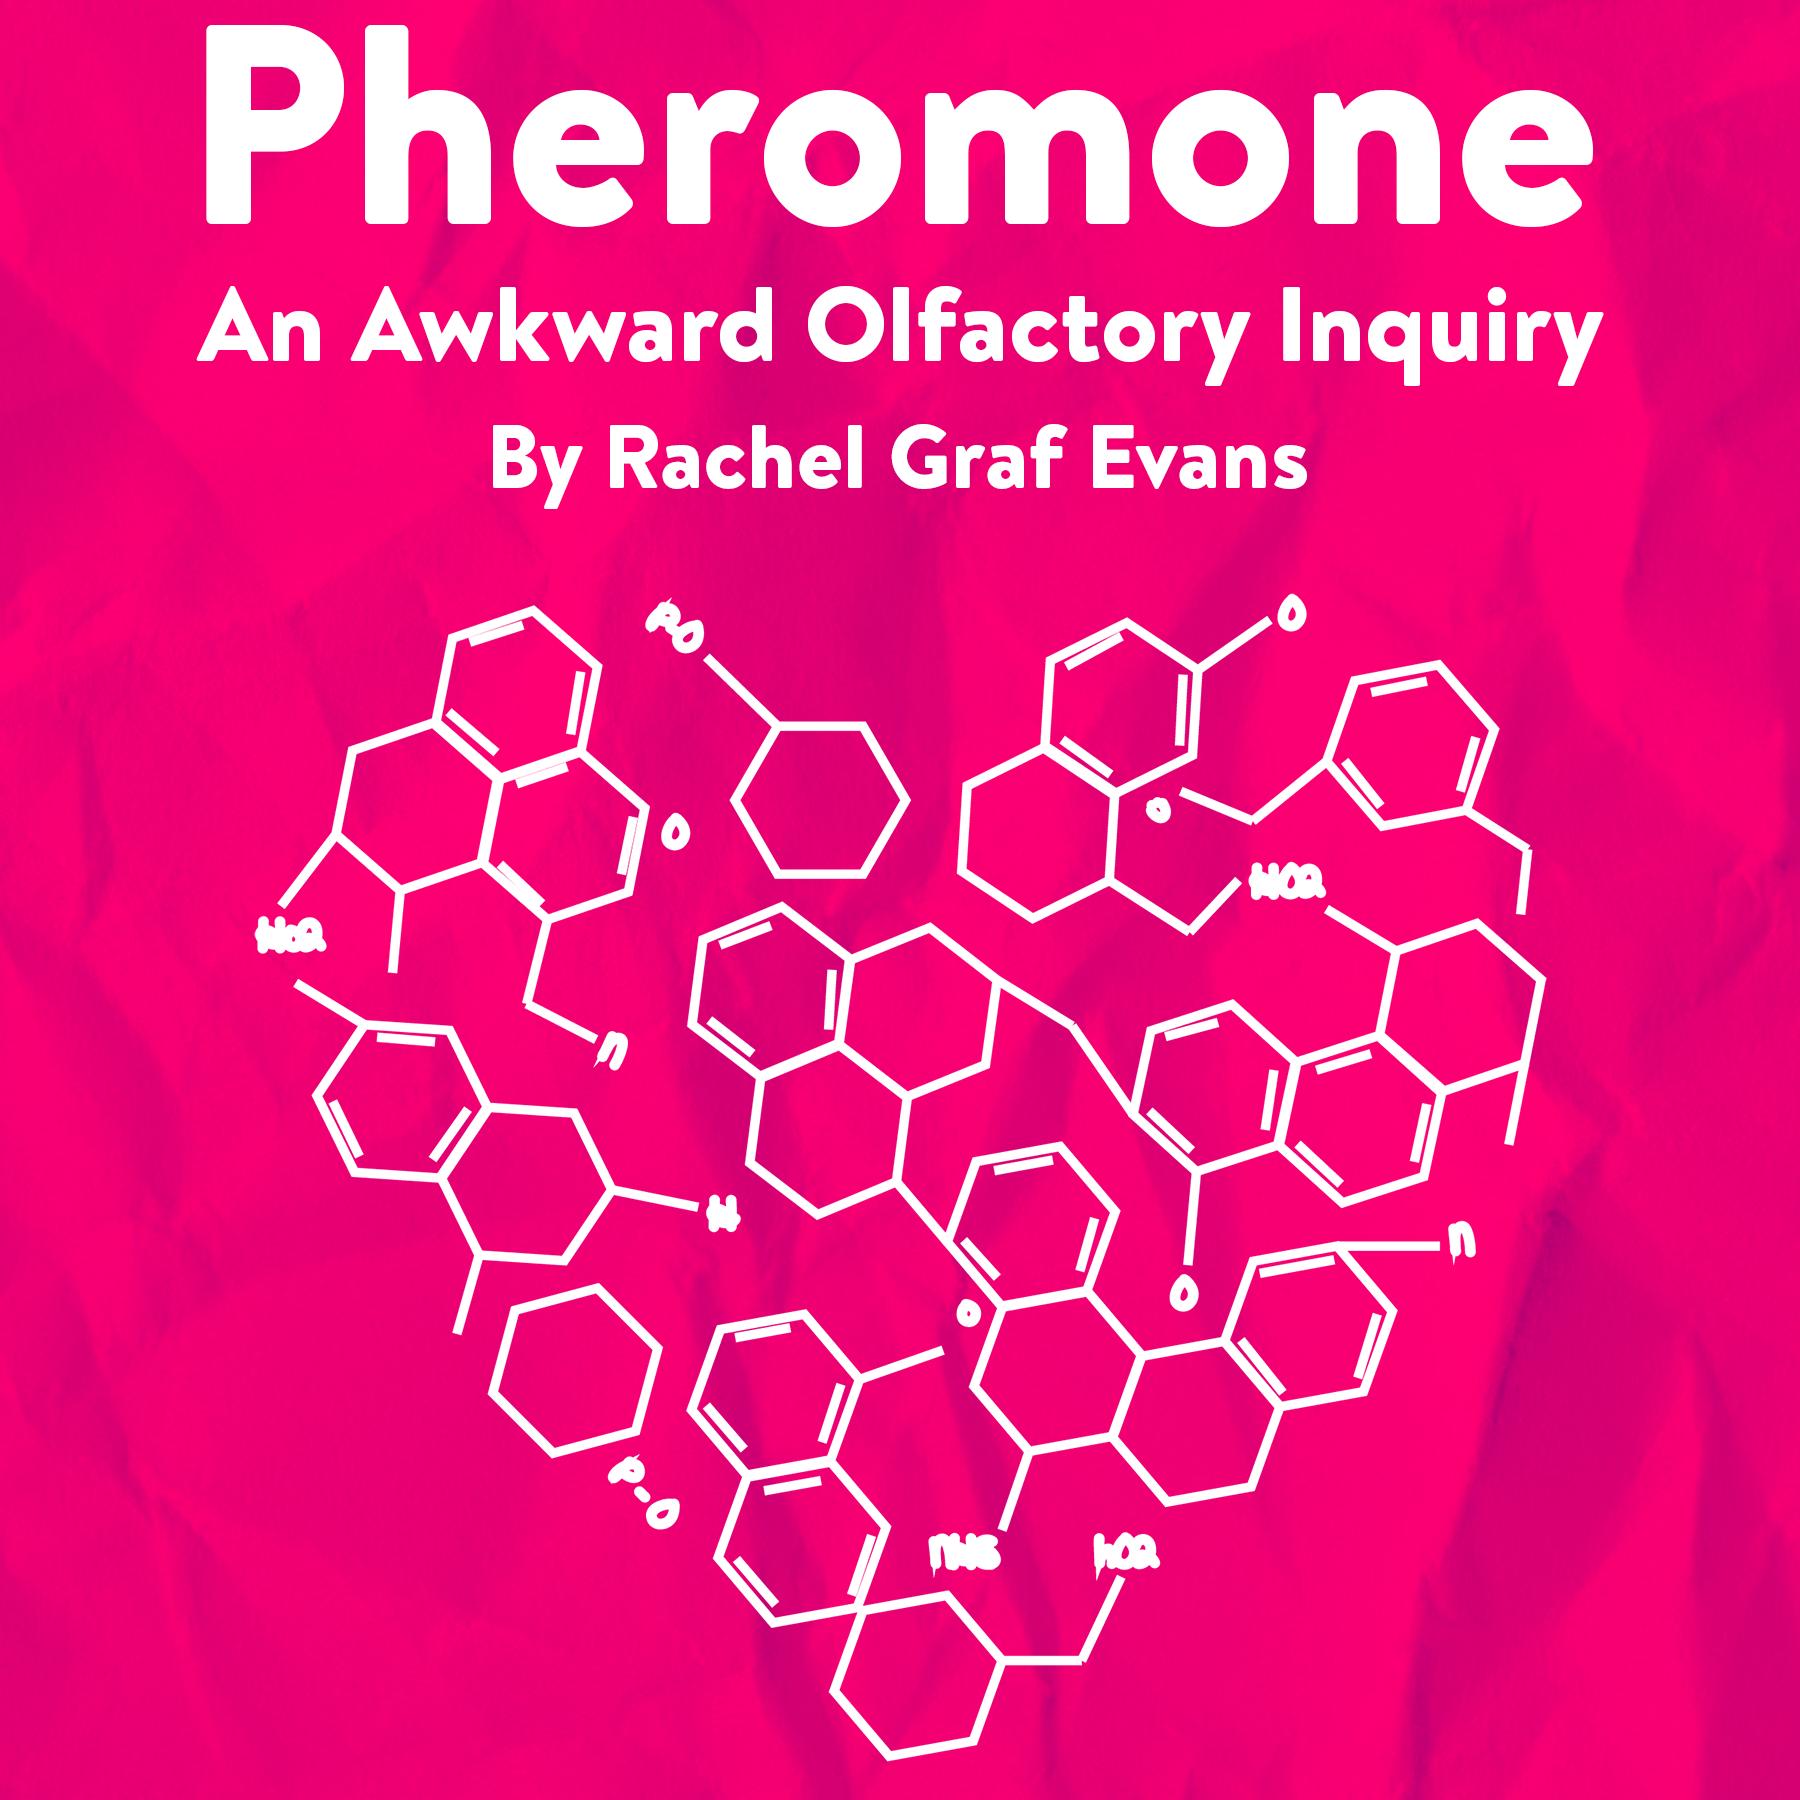 Pheromone Poster